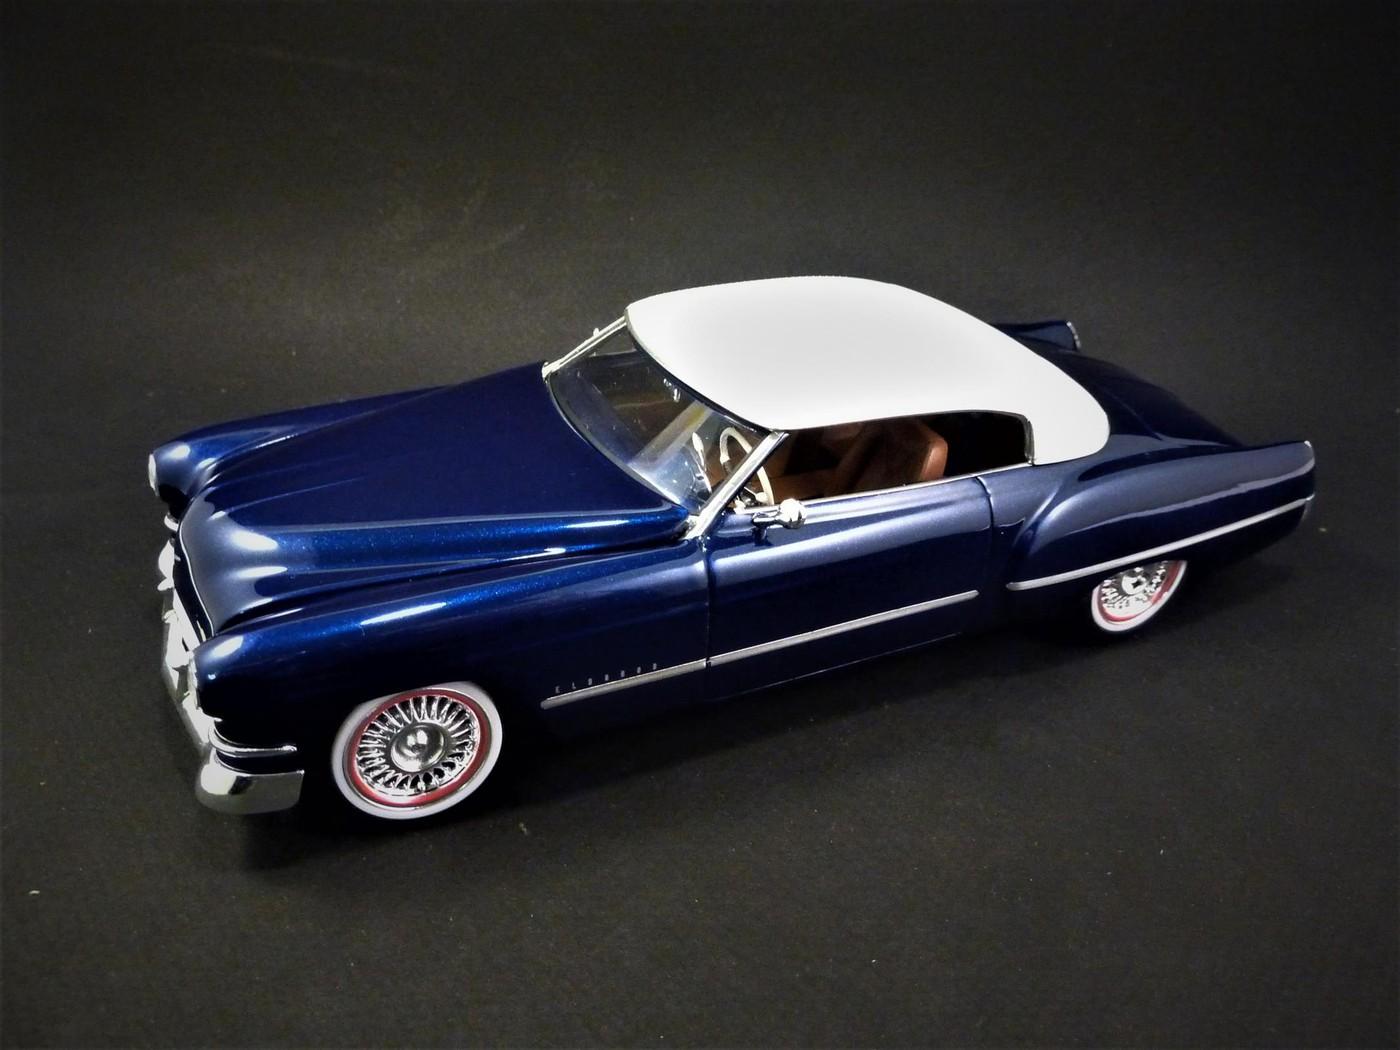 Projet Cadillac 48 Foose  - Page 2 Photo-vi